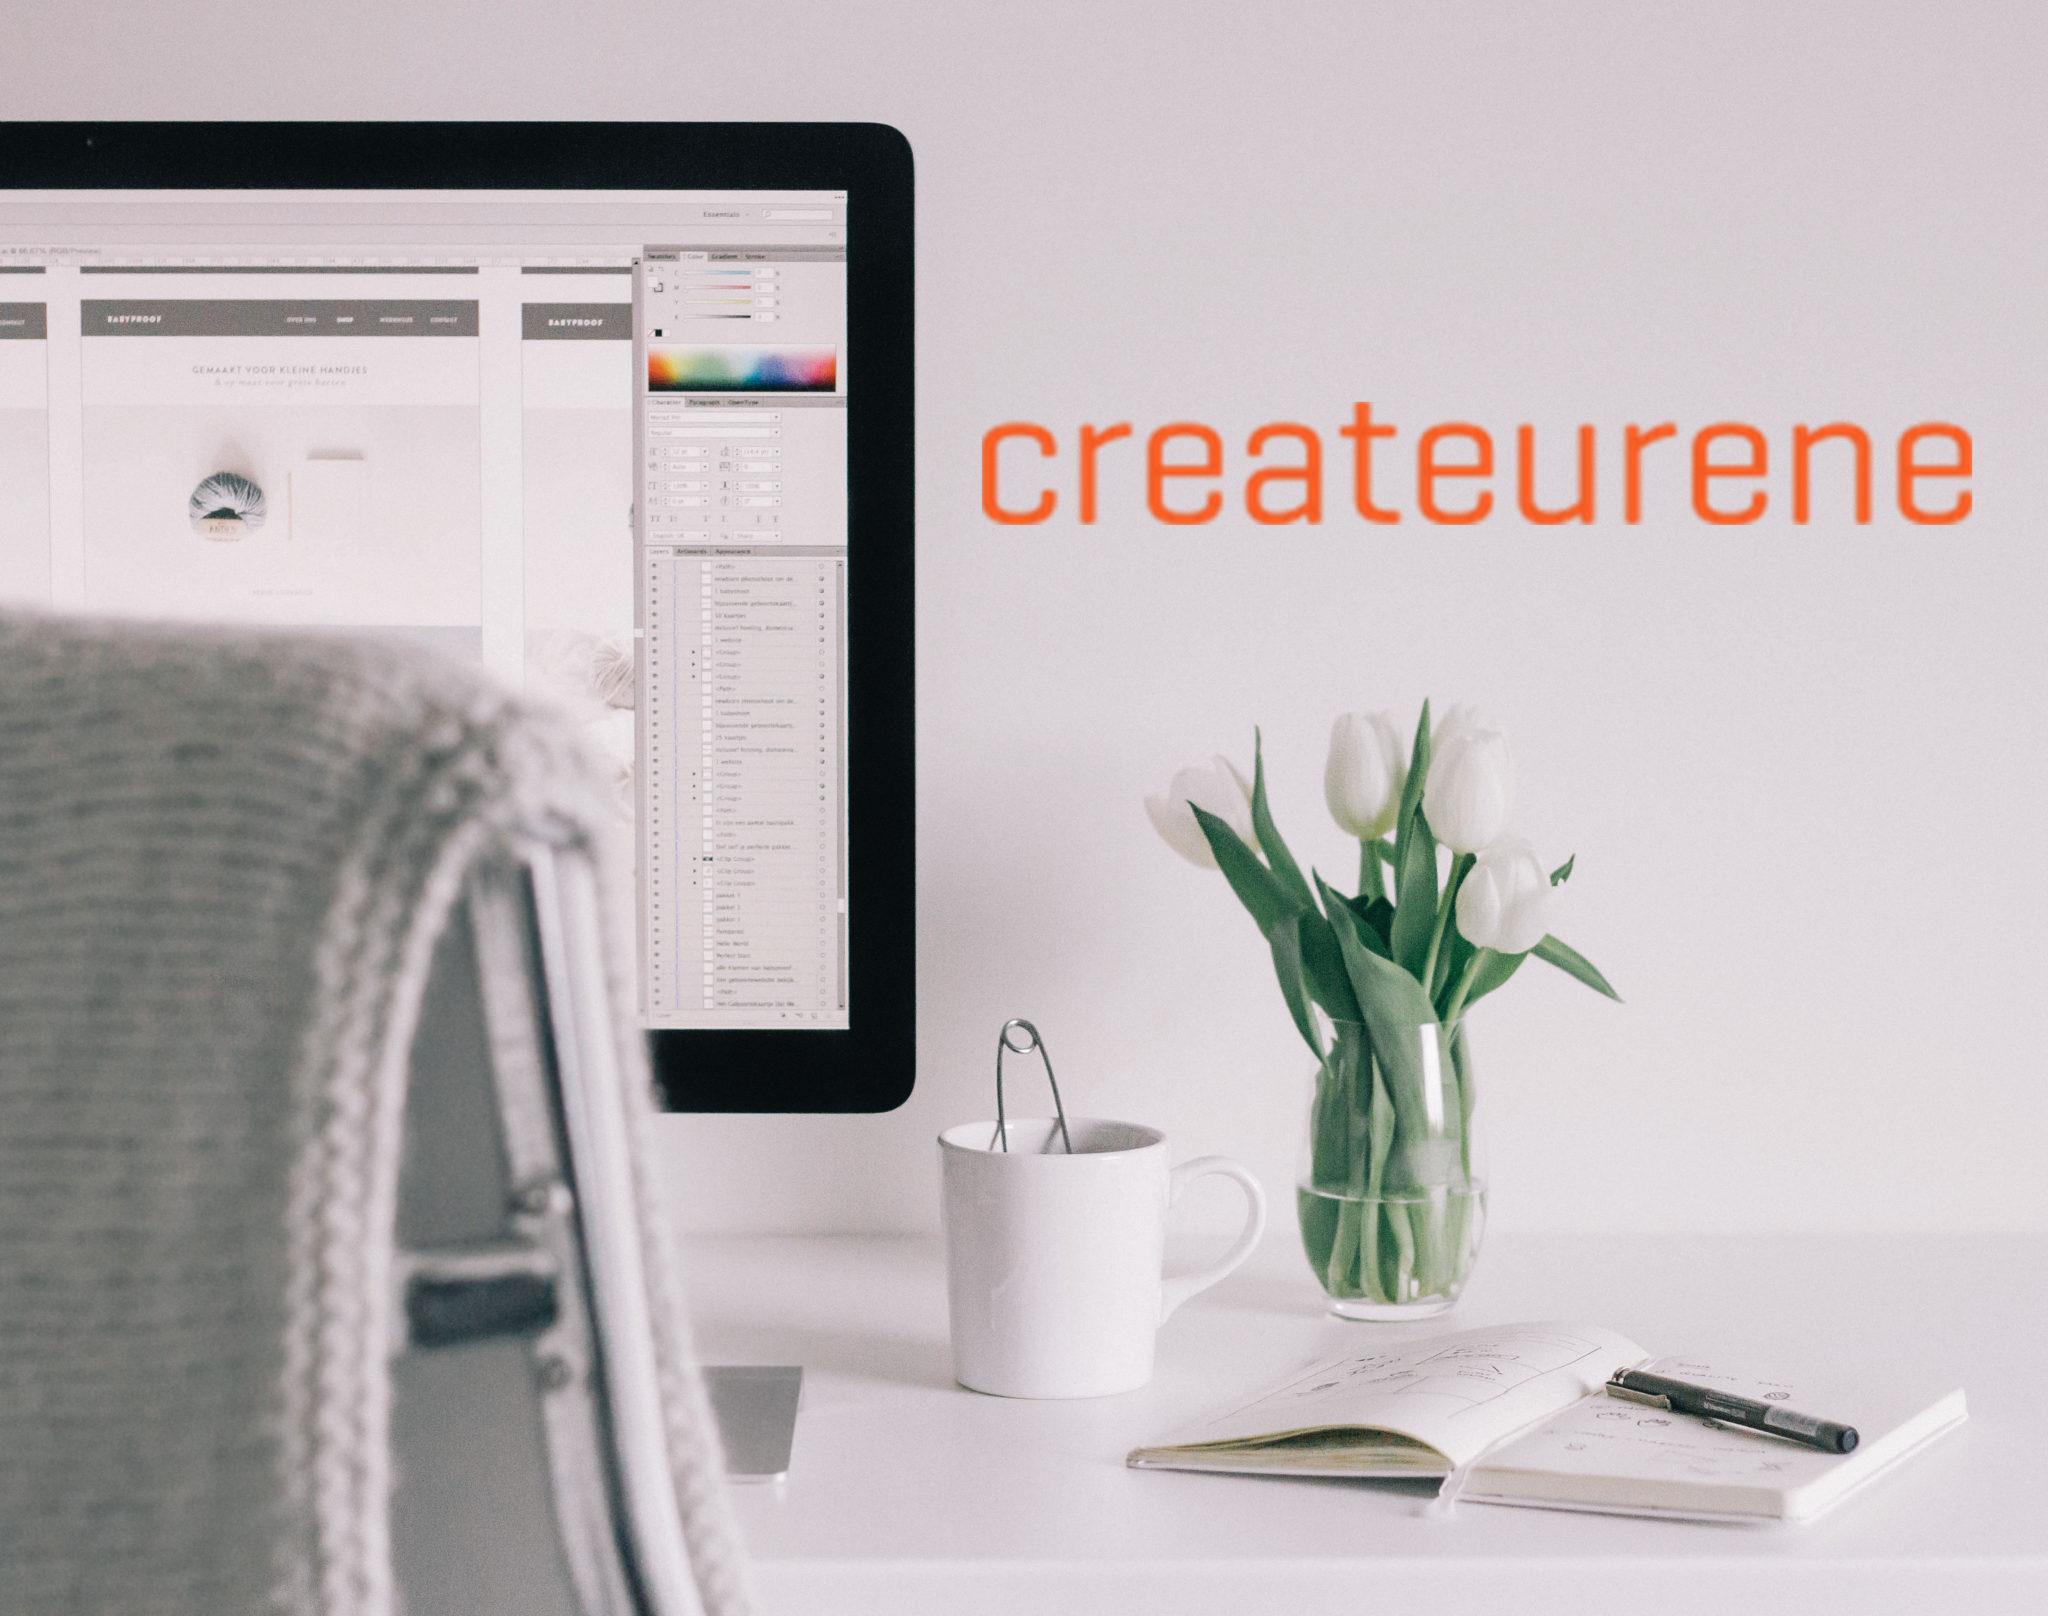 Arbeidsstasjon for Creaturene, som bruker liten tid på komplett oversikt